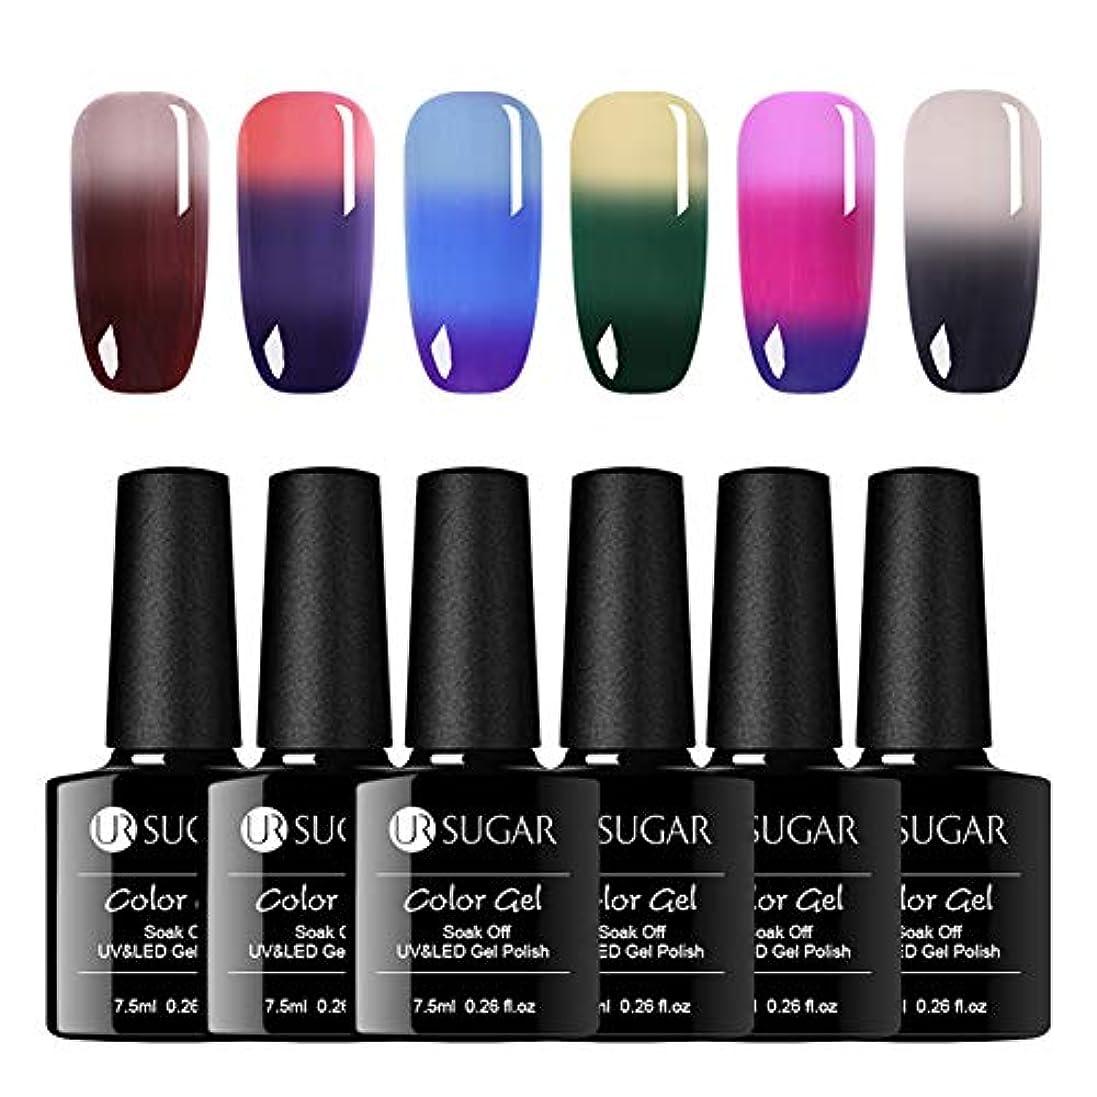 説明的激怒ベルUR SUGAR カラージェルセット 温度で色が変わる 新型な3段階変色 7.5ml/本 【全6色セット】 カメレオンネイル UV/LED対応 ジェルネイル カラージェル [並行輸入品]